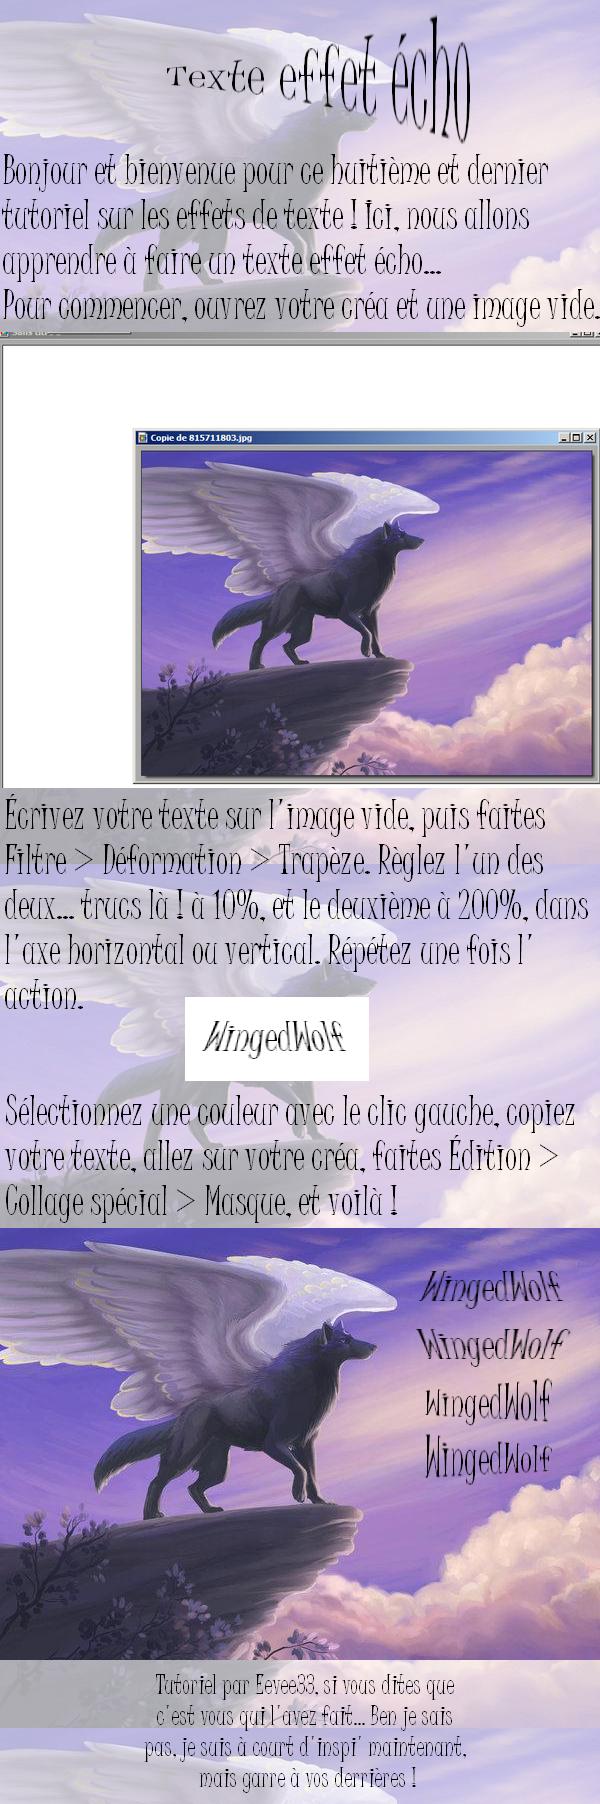 La galerie de l'Évoli sans cervelle... - Page 4 Tutoriel_effet_echo_by_eevee33-d4h9gmq